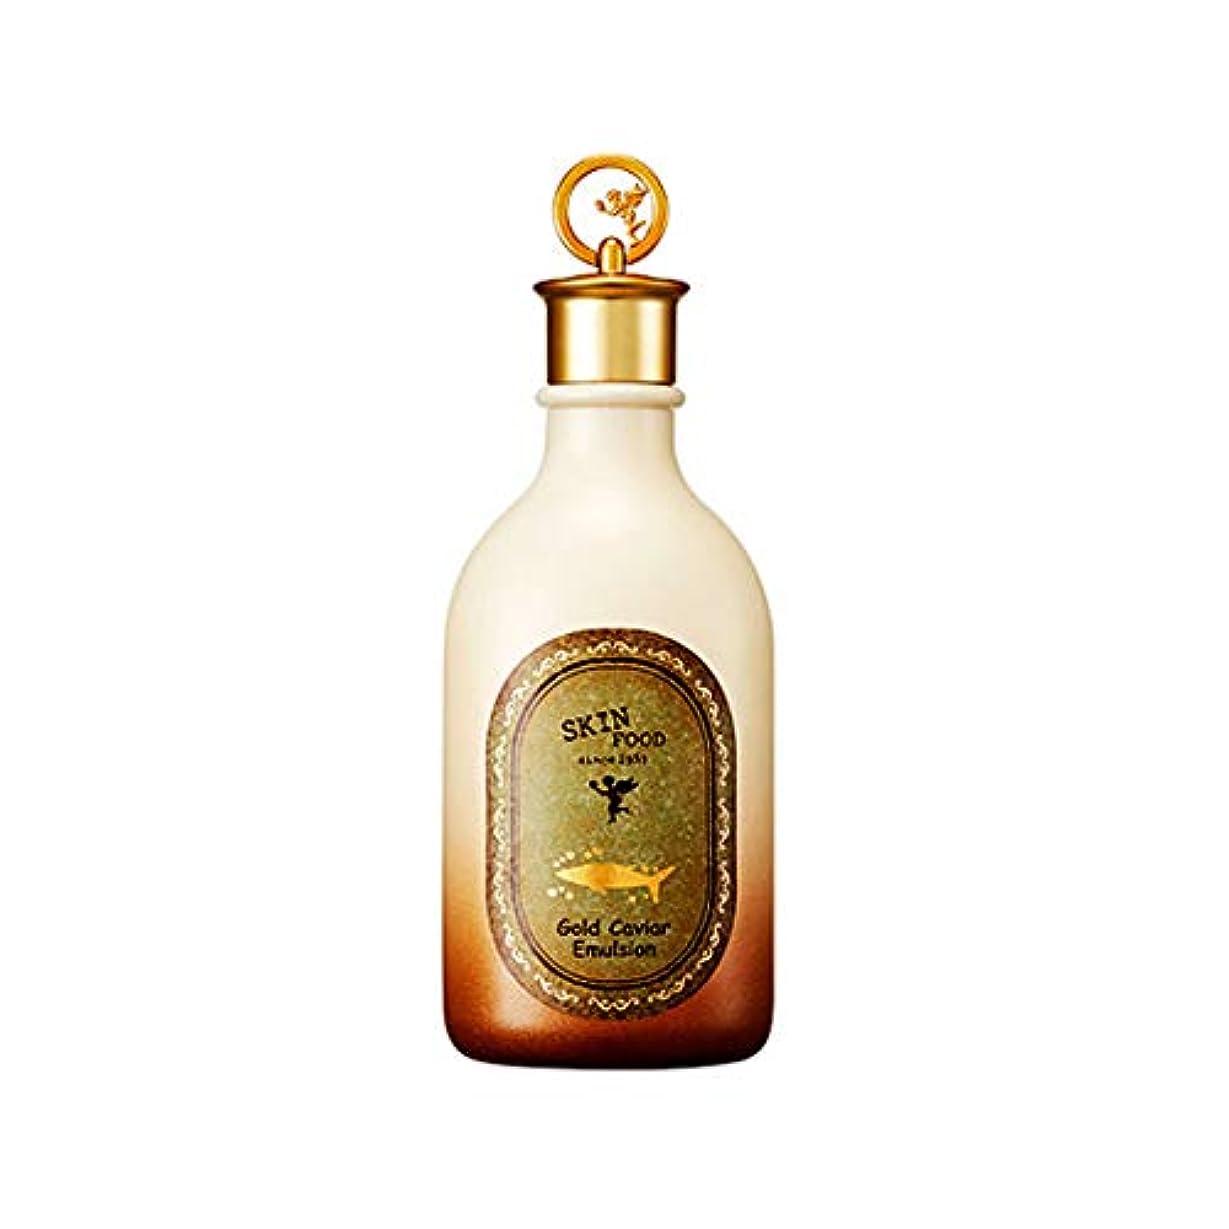 大きさアクセシブル一Skinfood ゴールドキャビアエマルジョン(しわケア) / Gold Caviar Emulsion (Wrinkle care) 145ml [並行輸入品]